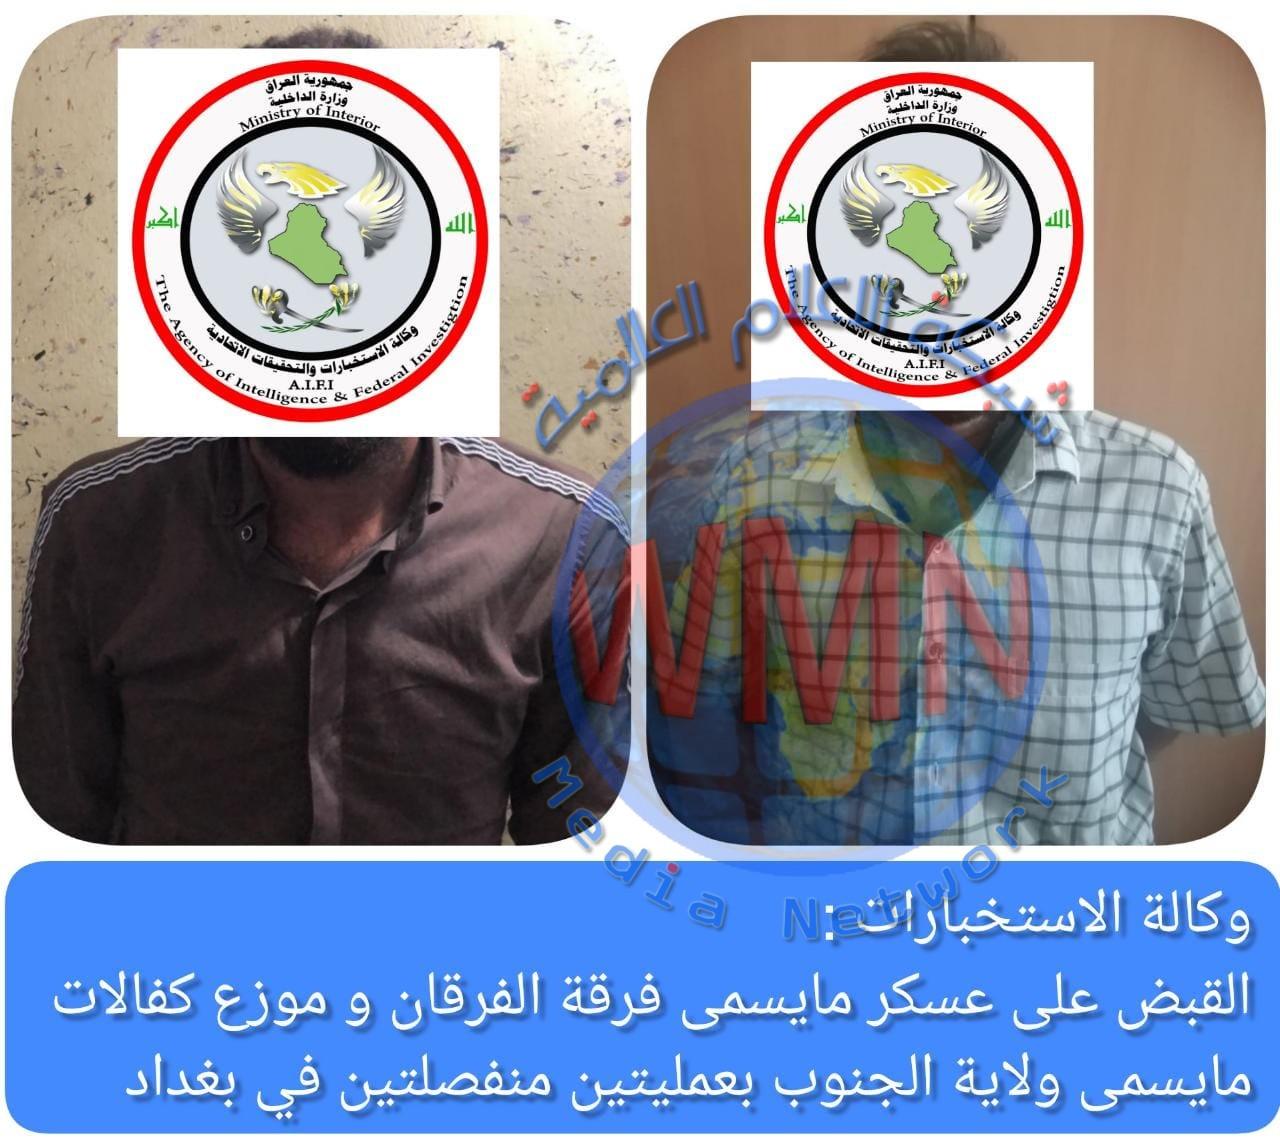 وكالة الاستخبارات :القبض على عسكر مايسمى فرقة الفرقان و موزع كفالات مايسمى ولاية الجنوب بعمليتين منفصلتين في بغداد